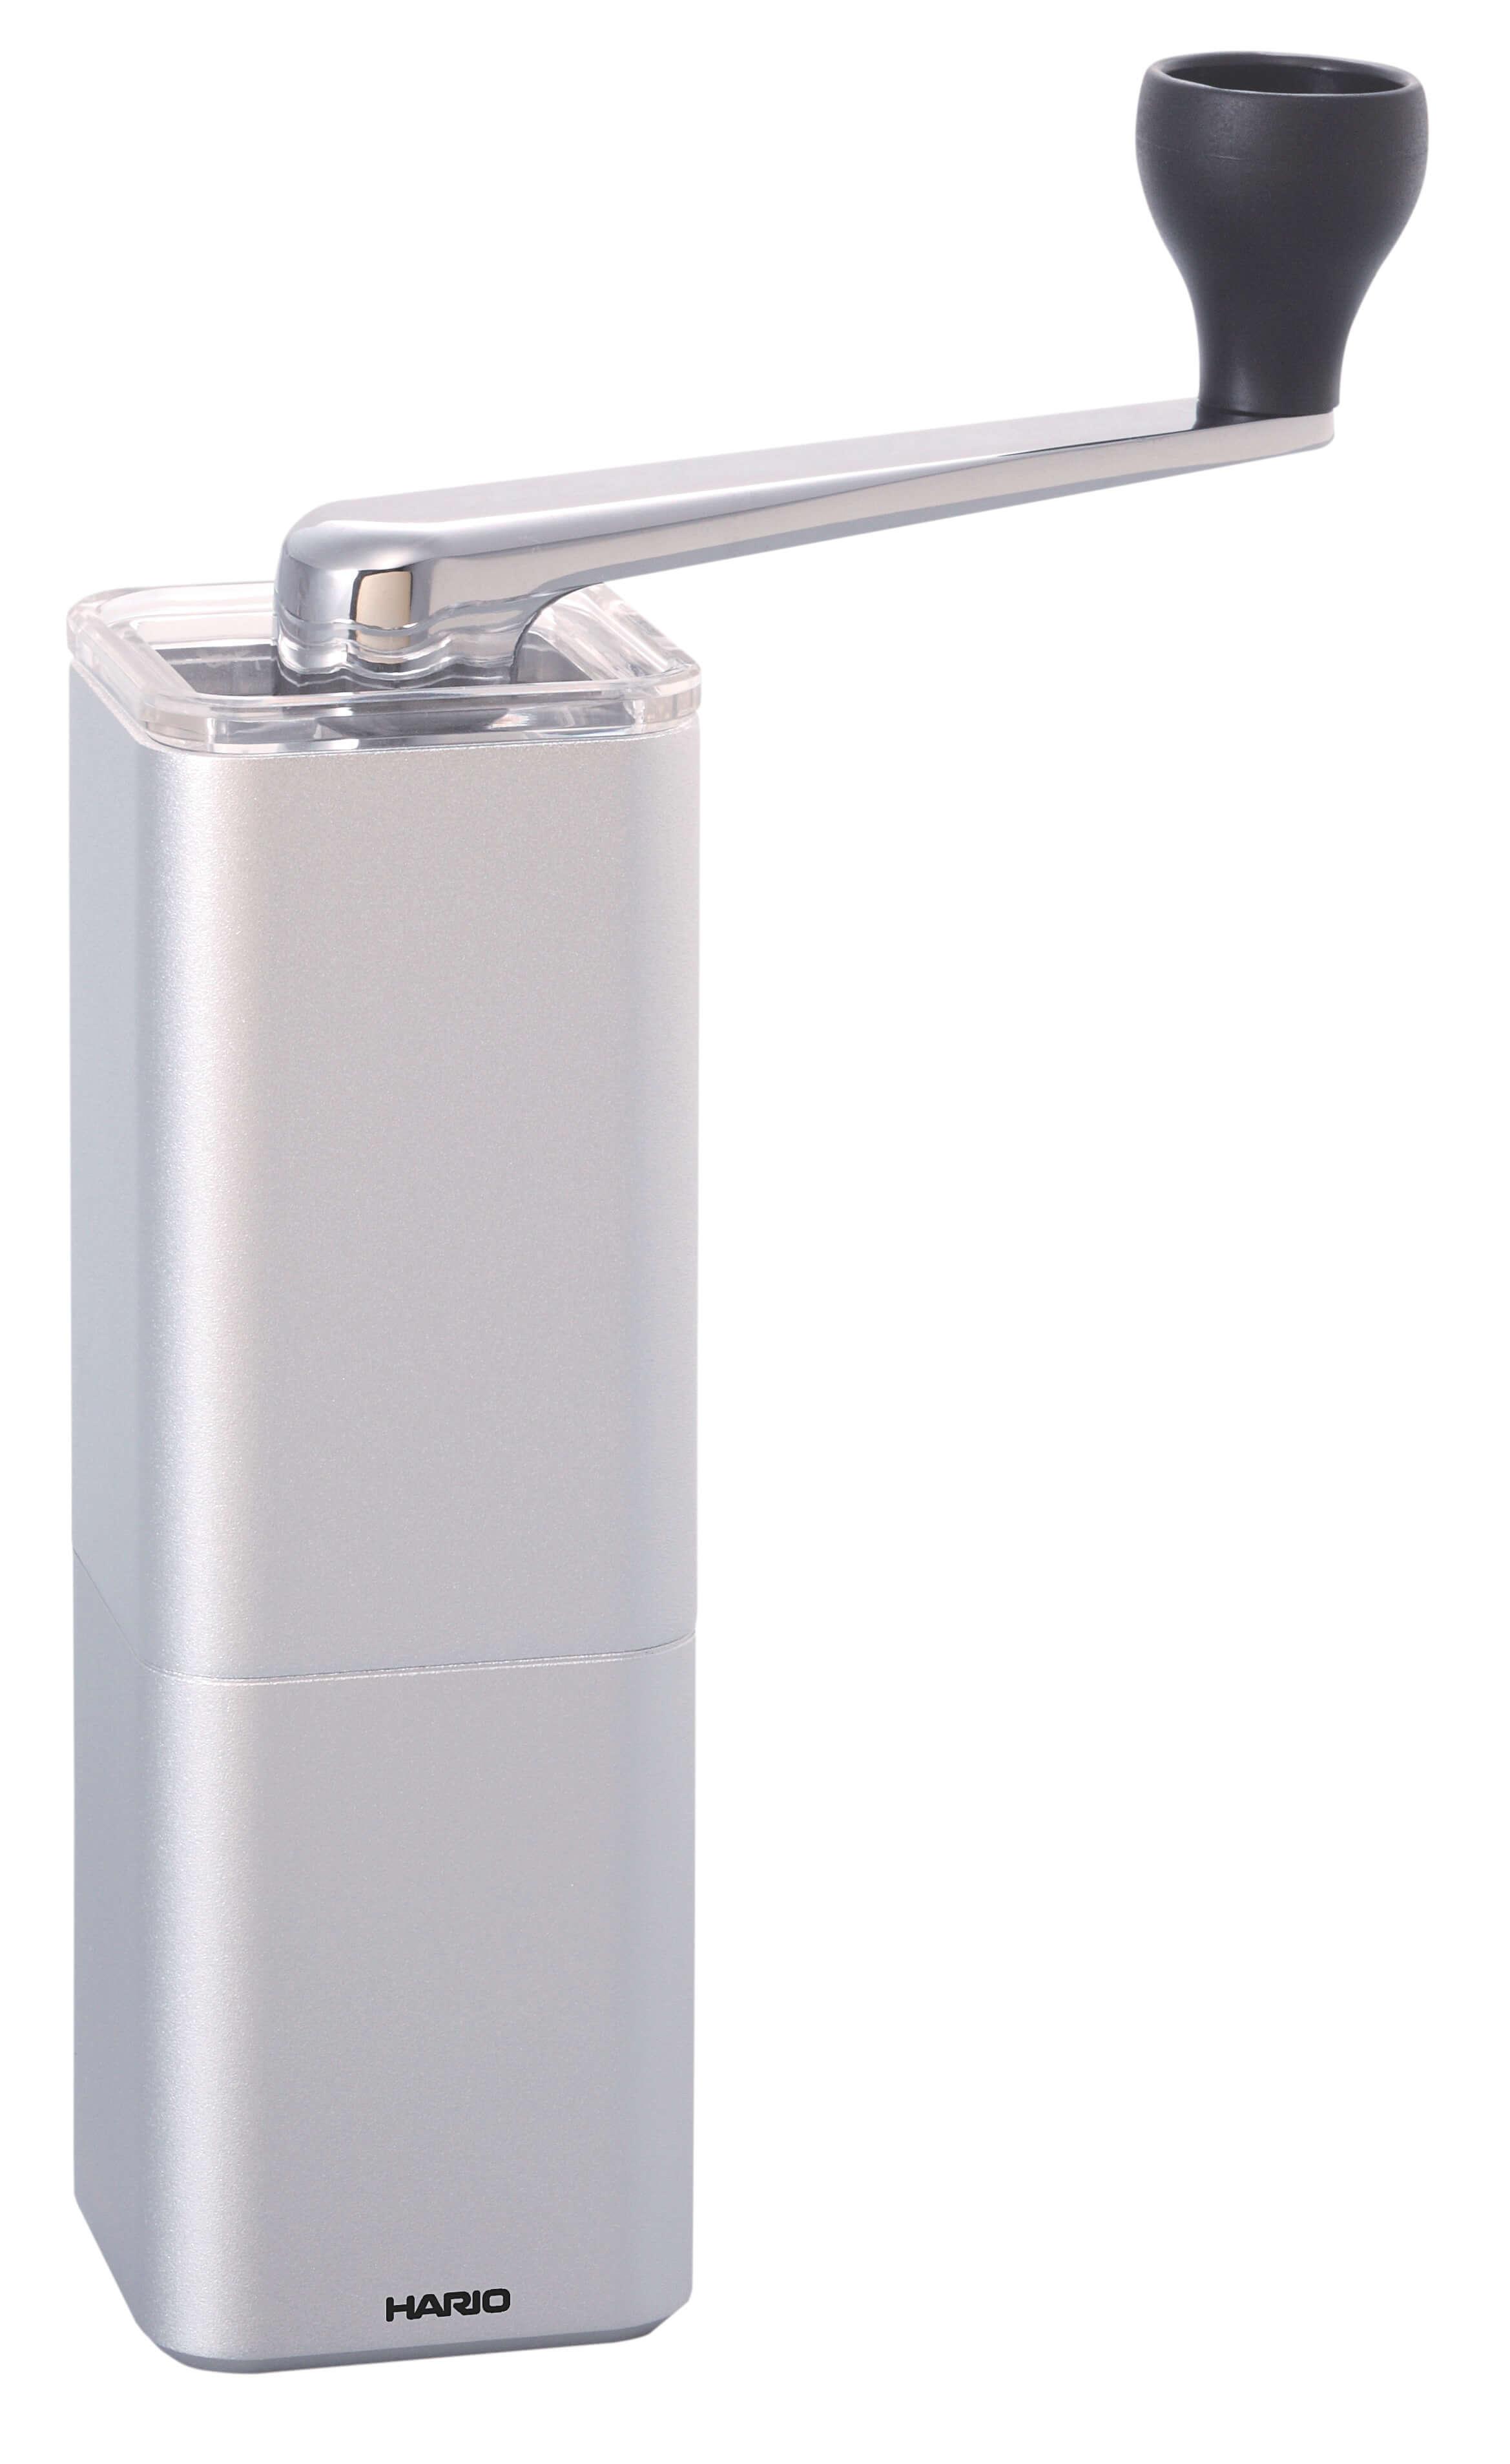 【HARIO】アルミ合金コーヒーミル・プリズム 約幅14.5×奥5.2×高さ20cm シルバー